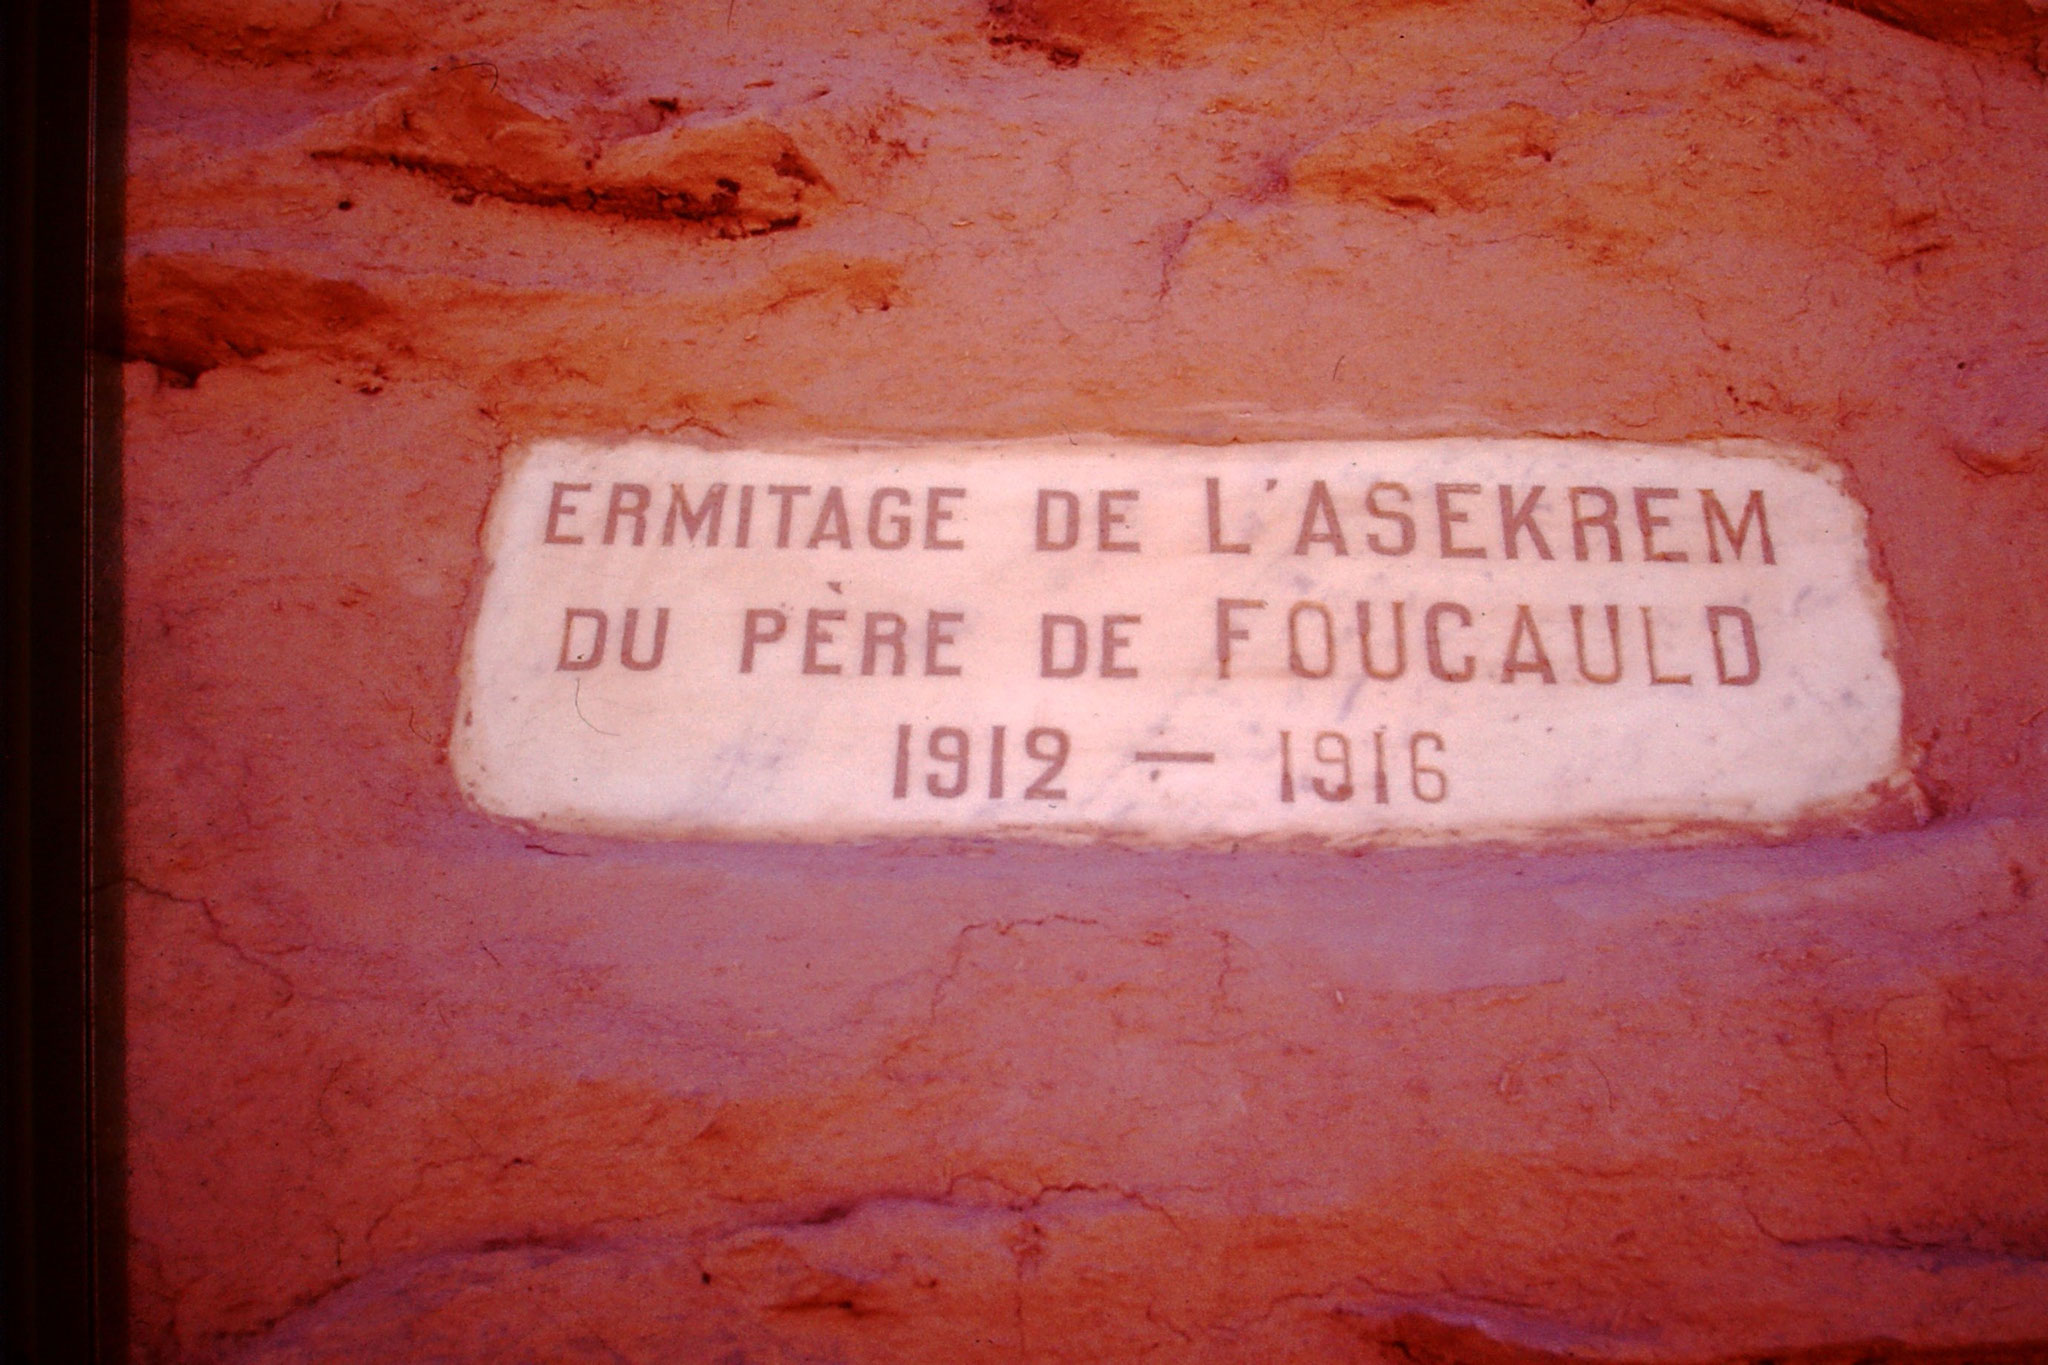 Der Mönch Pére de Foucauld lebte hier 4 Jahre.